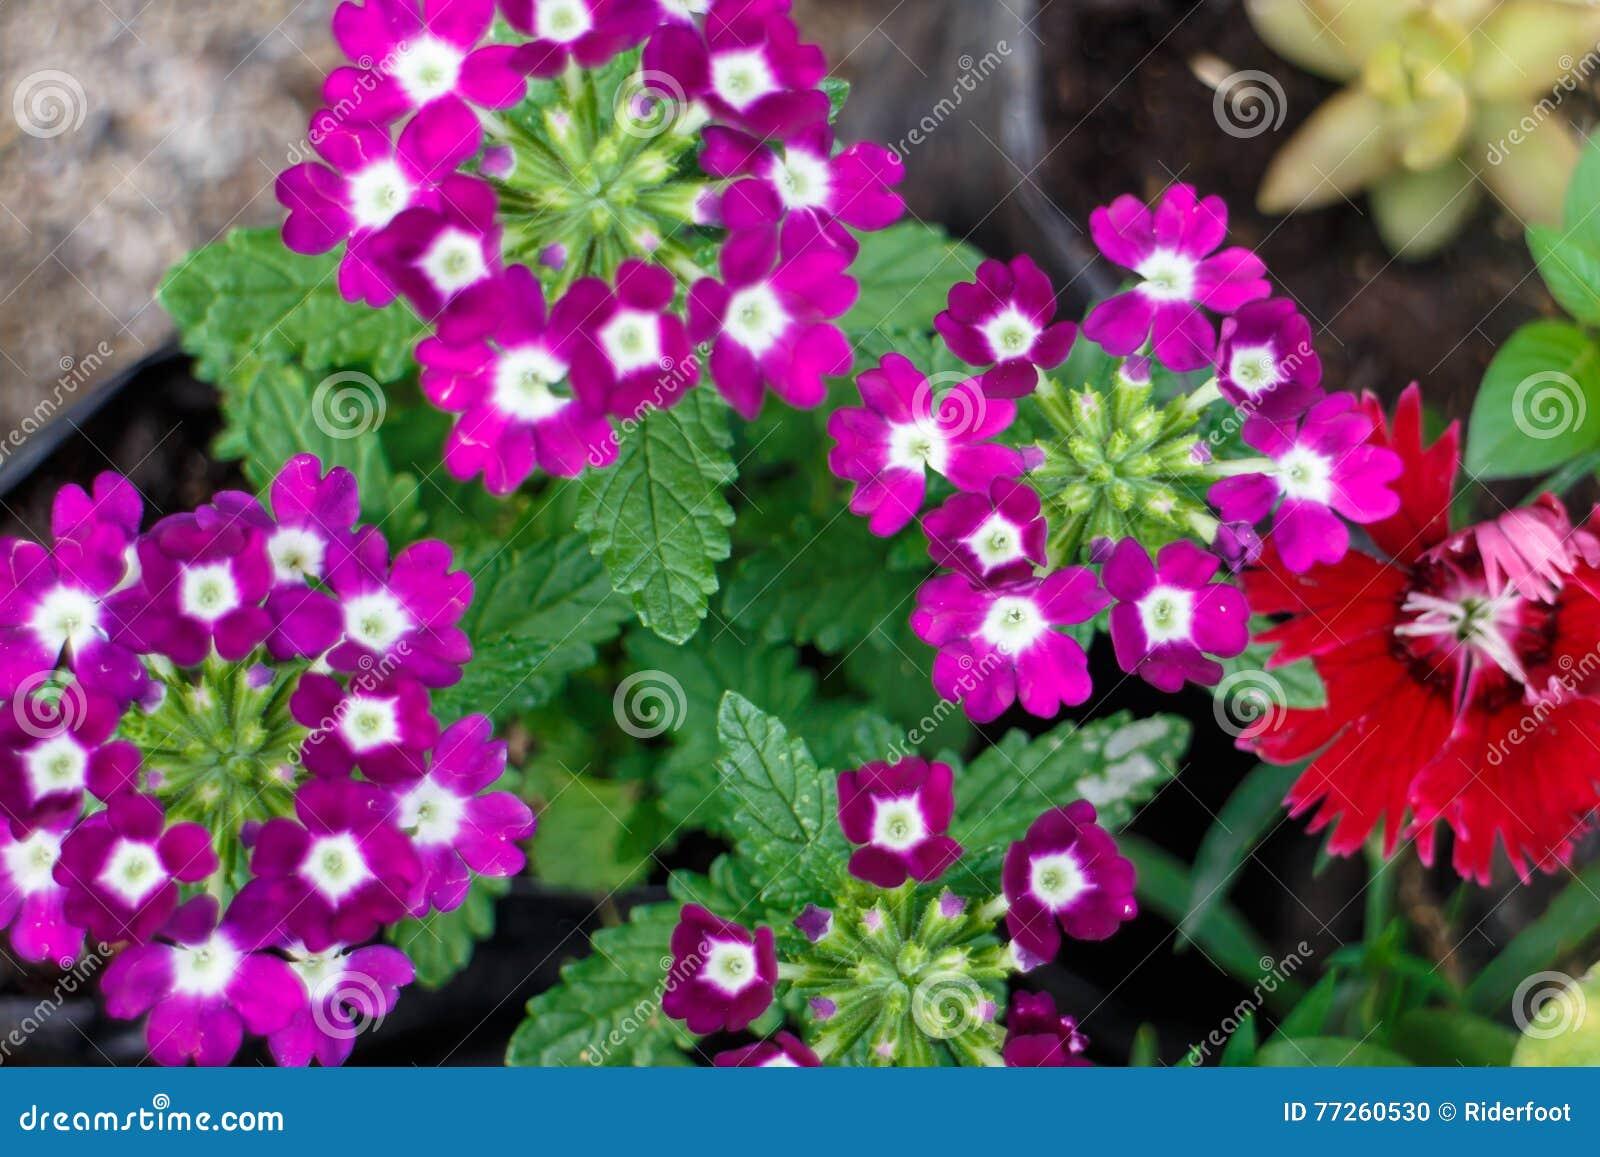 Petites fleurs de colorfull d 39 un jardin photo stock for Un jardin de fleurs